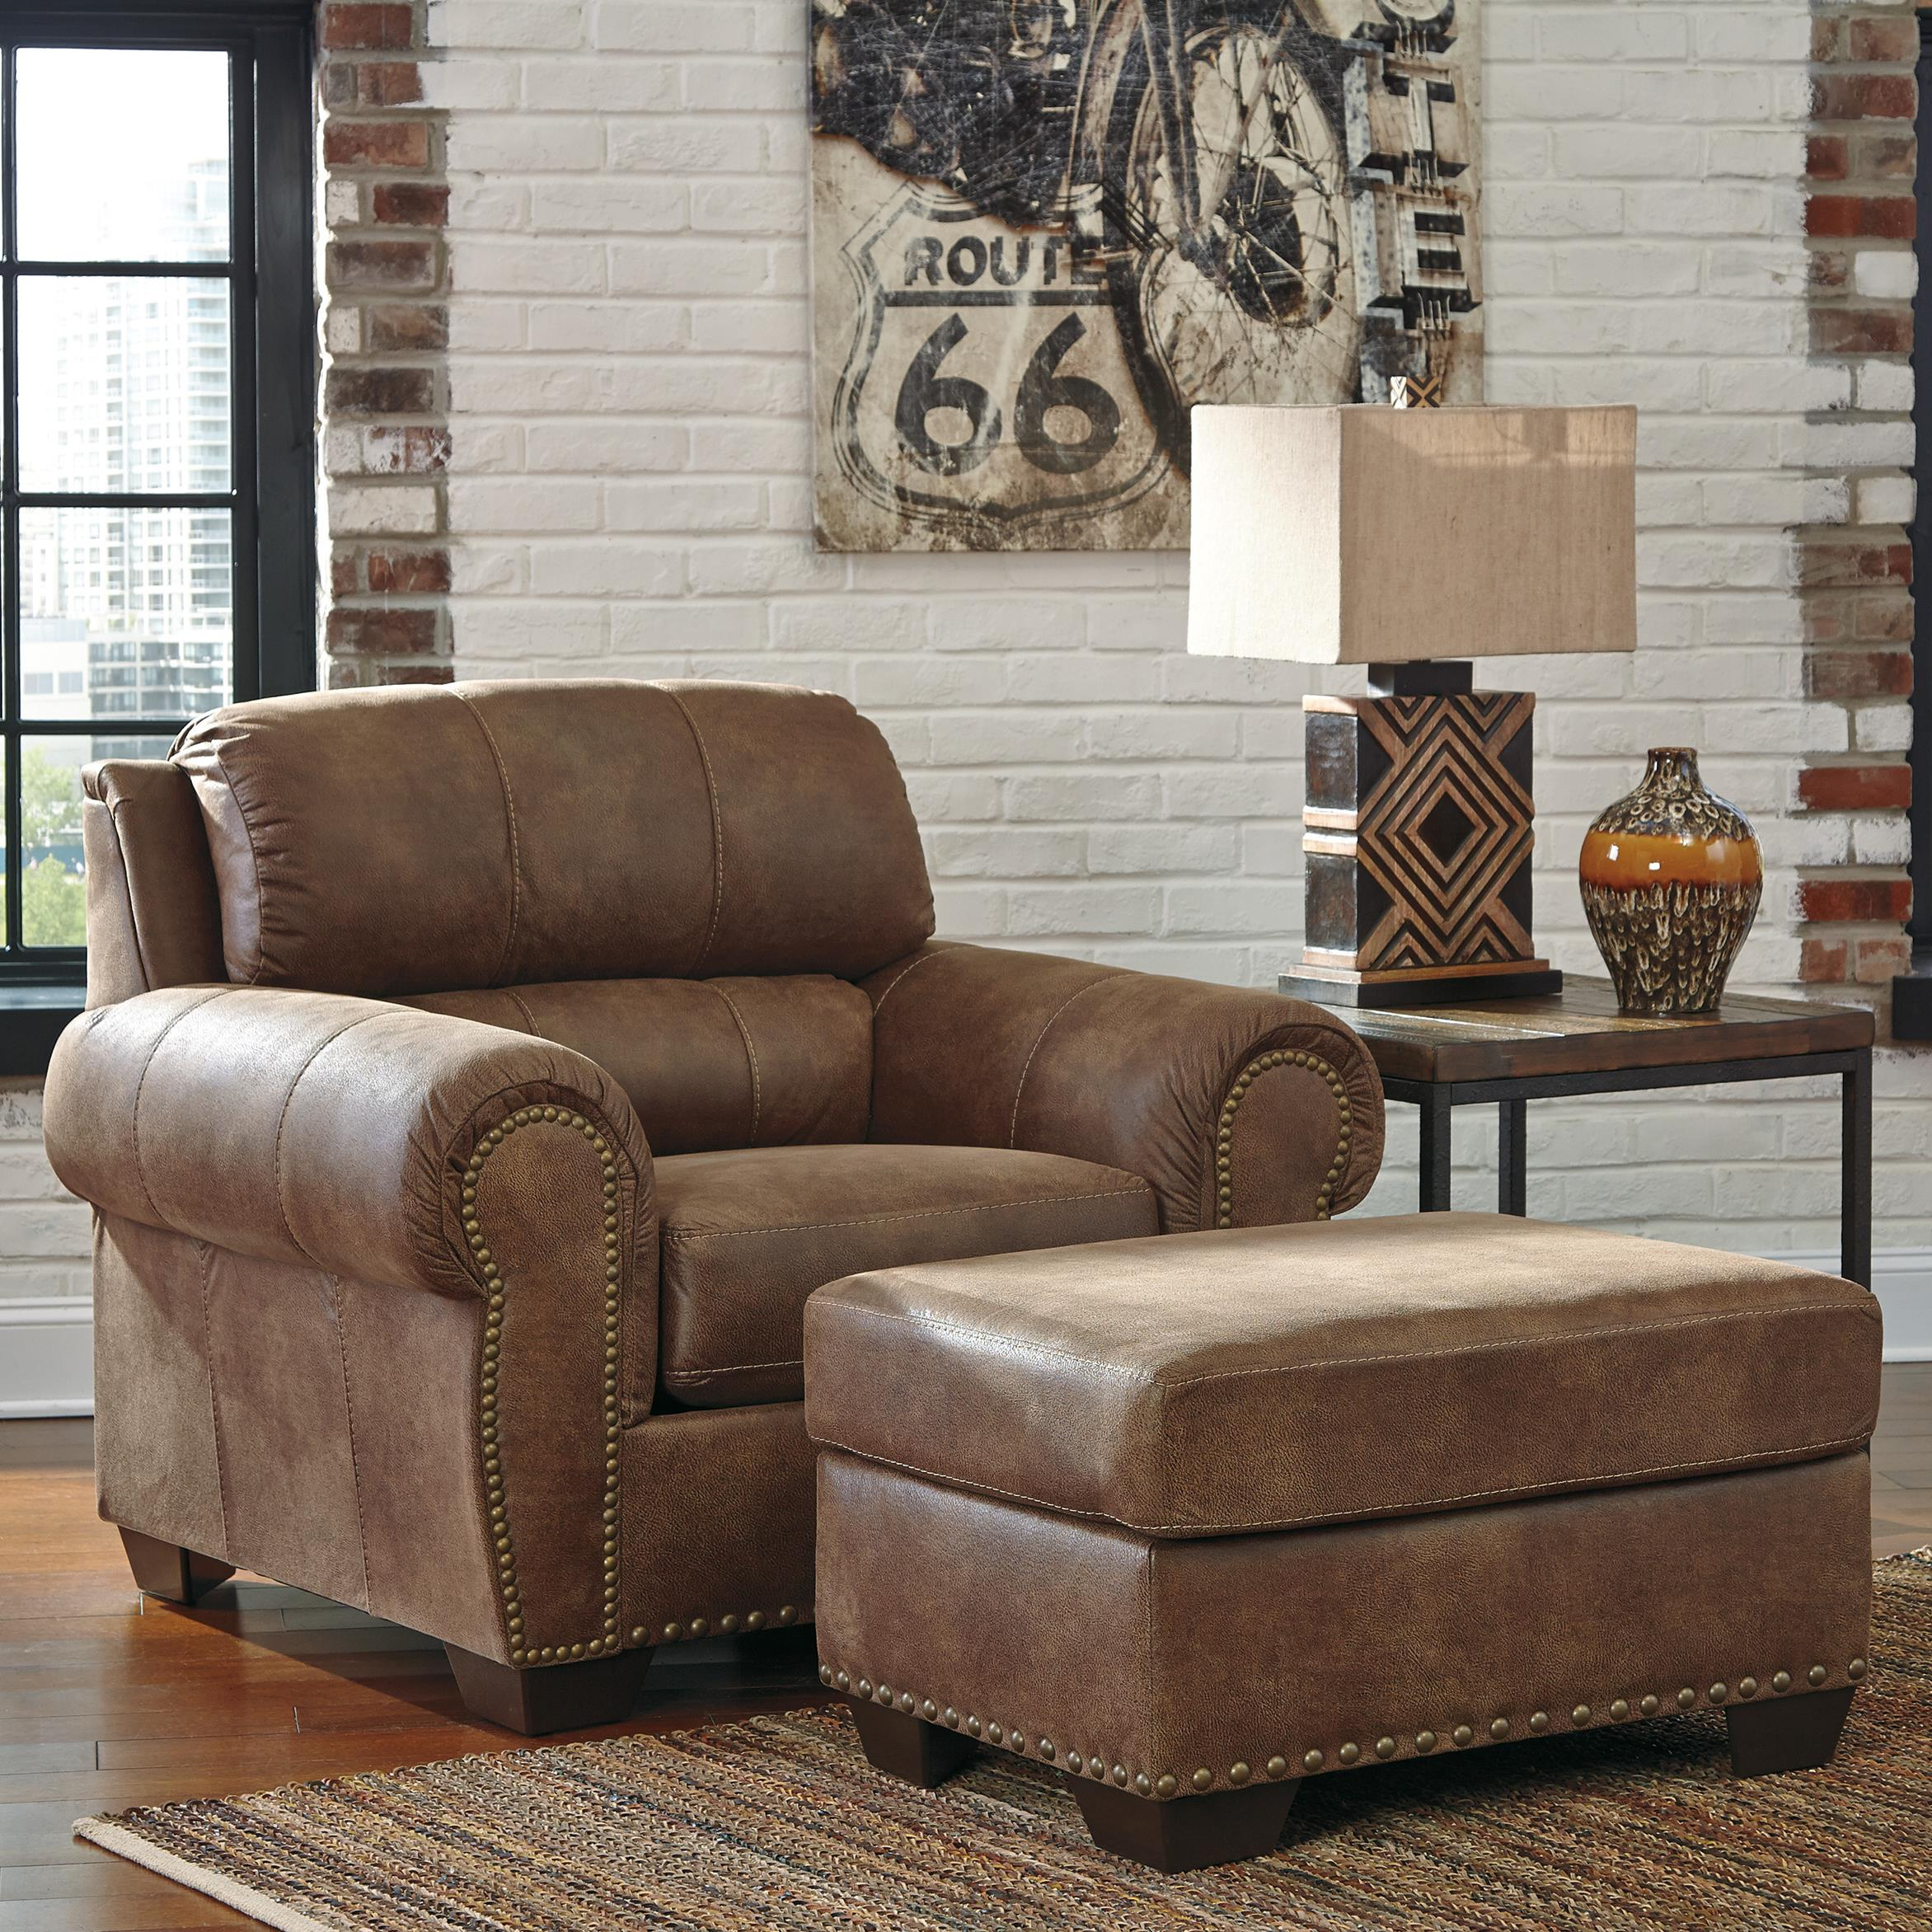 Benchcraft Burnsville Chair & Ottoman - Item Number: 9720620+14